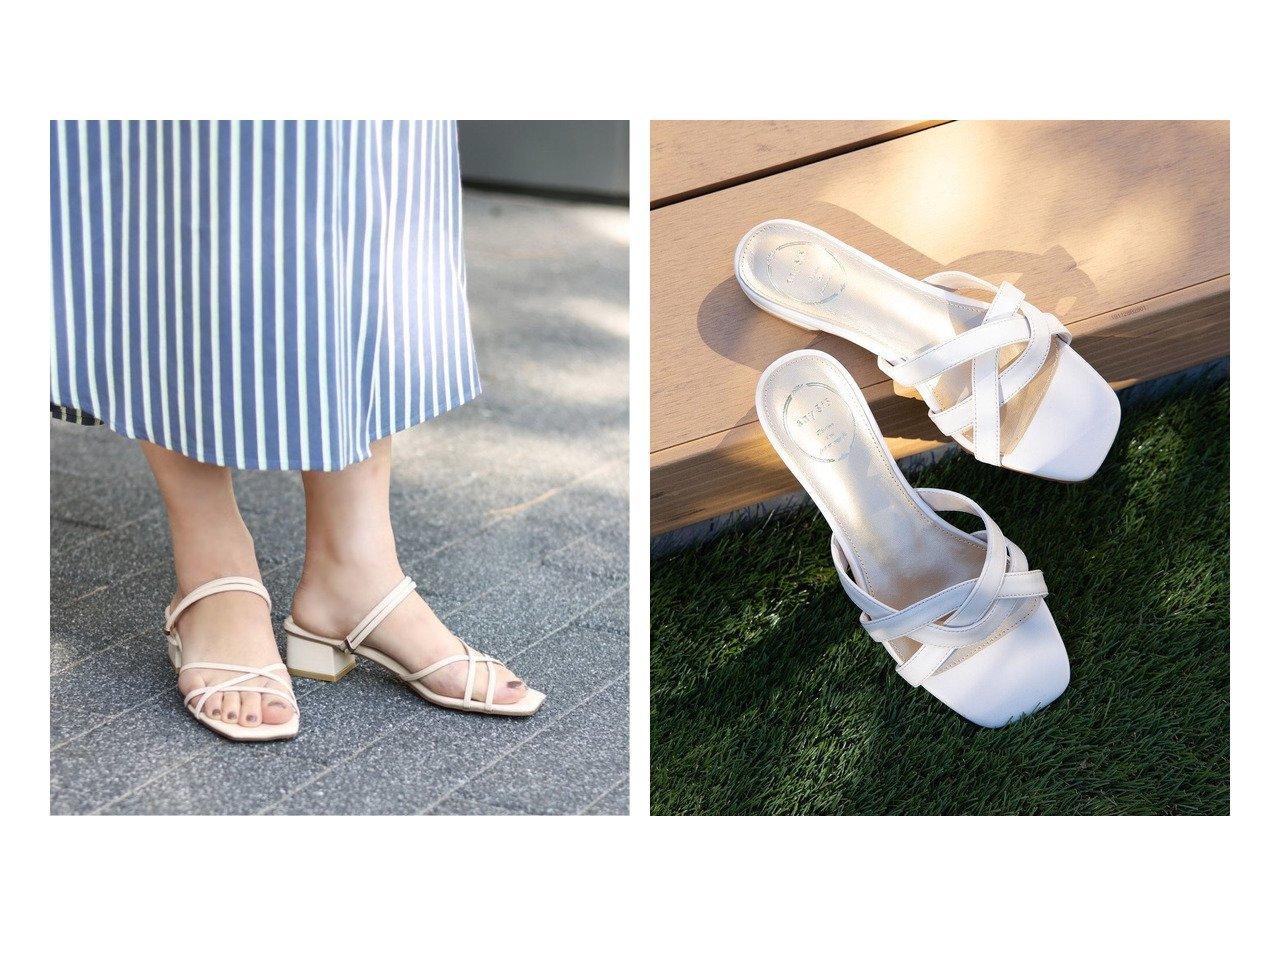 【Le Talon/ル タロン】の3.5cmスクエア2WAYサンダル&【any SiS/エニィ スィス】のメッシュローヒール サンダル 【シューズ・靴】おすすめ!人気、トレンド・レディースファッションの通販 おすすめで人気の流行・トレンド、ファッションの通販商品 インテリア・家具・メンズファッション・キッズファッション・レディースファッション・服の通販 founy(ファニー) https://founy.com/ ファッション Fashion レディースファッション WOMEN 2021年 2021 2021春夏・S/S SS/Spring/Summer/2021 S/S・春夏 SS・Spring/Summer サンダル シューズ スクエア ラップ 送料無料 Free Shipping メッシュ |ID:crp329100000046144